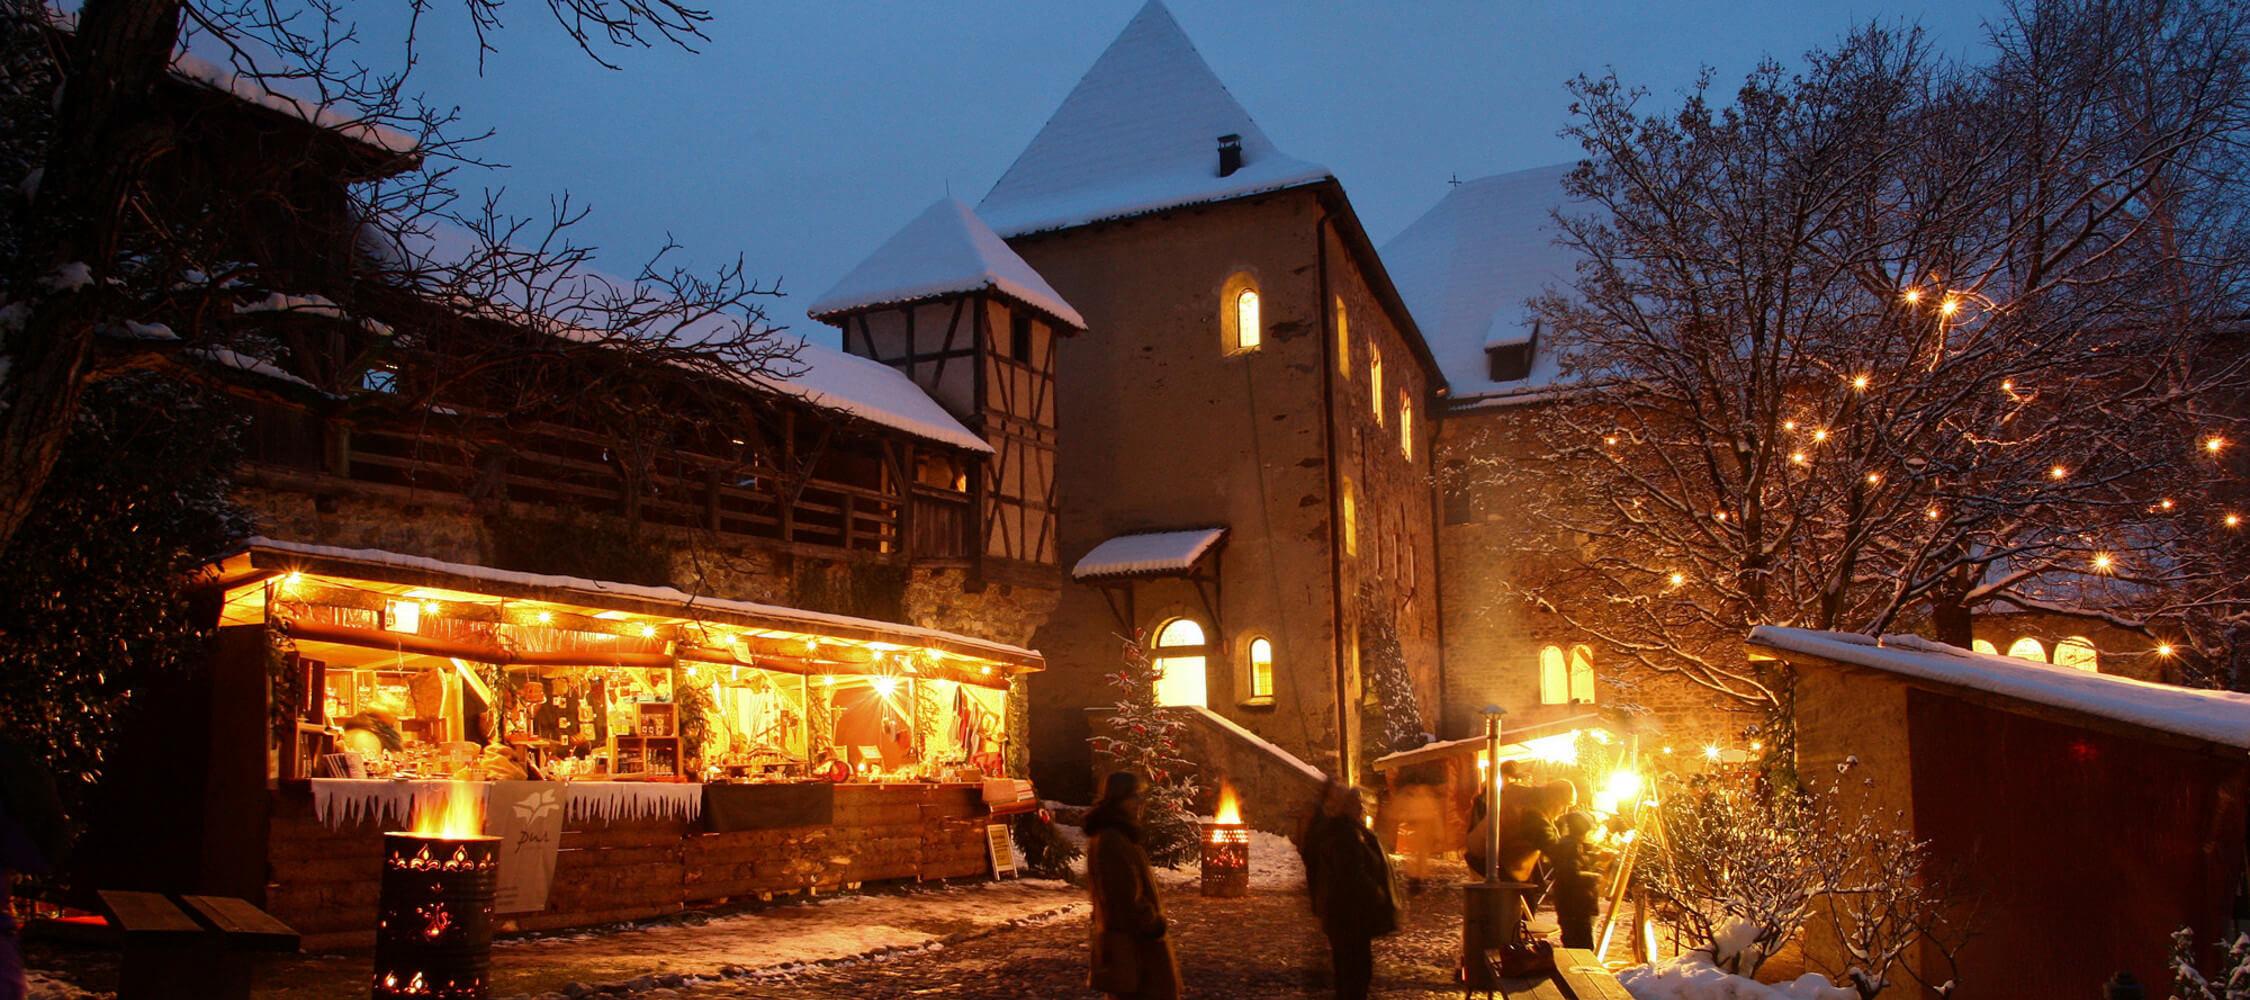 Italien-Trentino_Suedtirol_Alto_Adige_Merano_Meran_Erleben_Weihnachtsmarkt_Weihnachten_Winter_Nacht_Tiroler-Schlossweihnacht-Florian- Peer_mgm01420todo_2250x1000